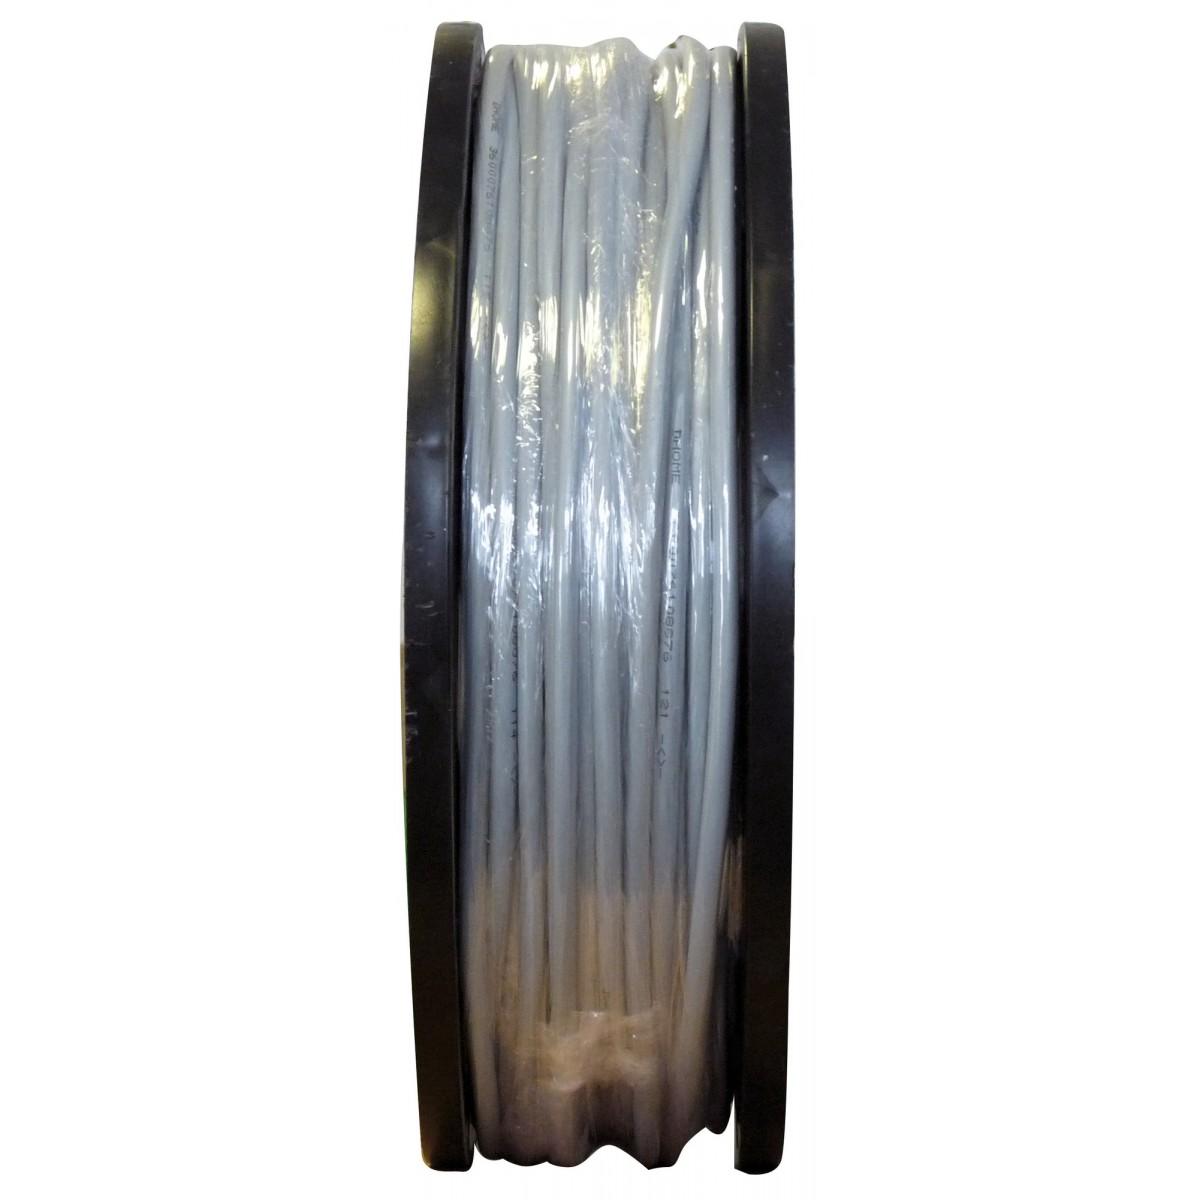 Câble H05 VV-F métré 1,5 mm² Dhome - 1/2 touret - Blanc - Longueur 150 m